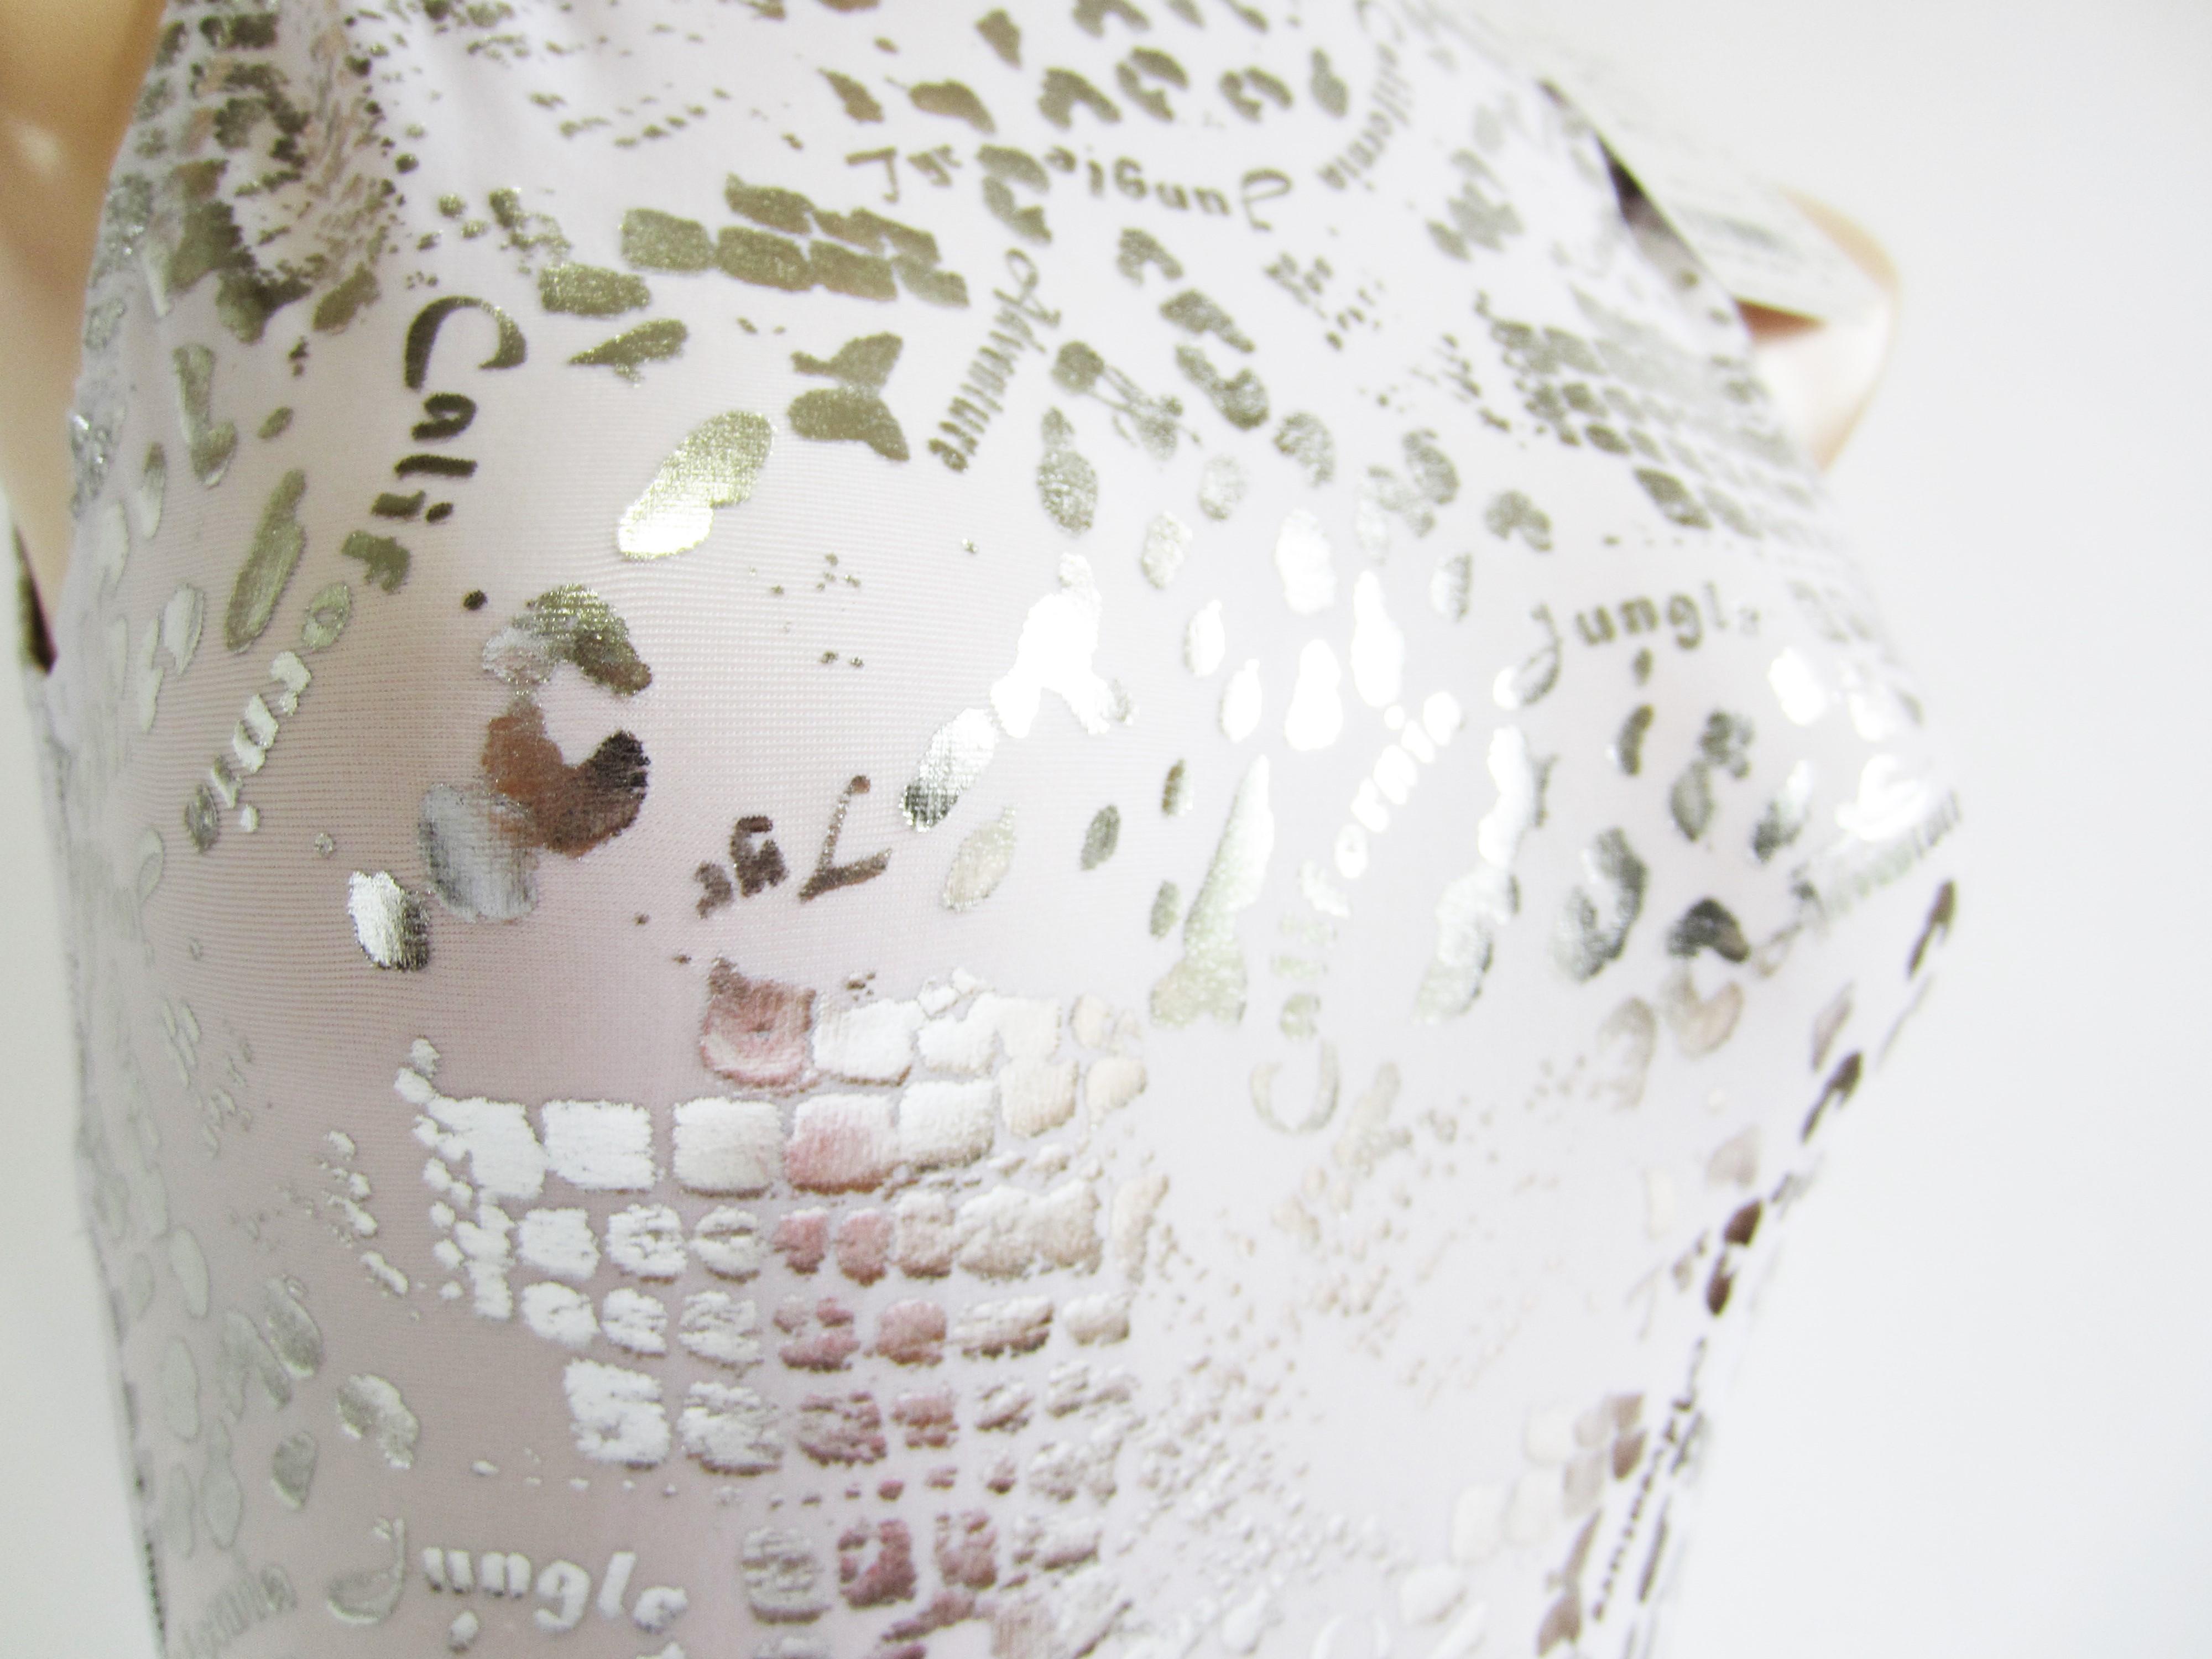 別注 TYR(ティア) ホワイト × シルバー クロコダイル柄 水球水着 ハイネック競泳水着「スイムショプイノウエ限定」